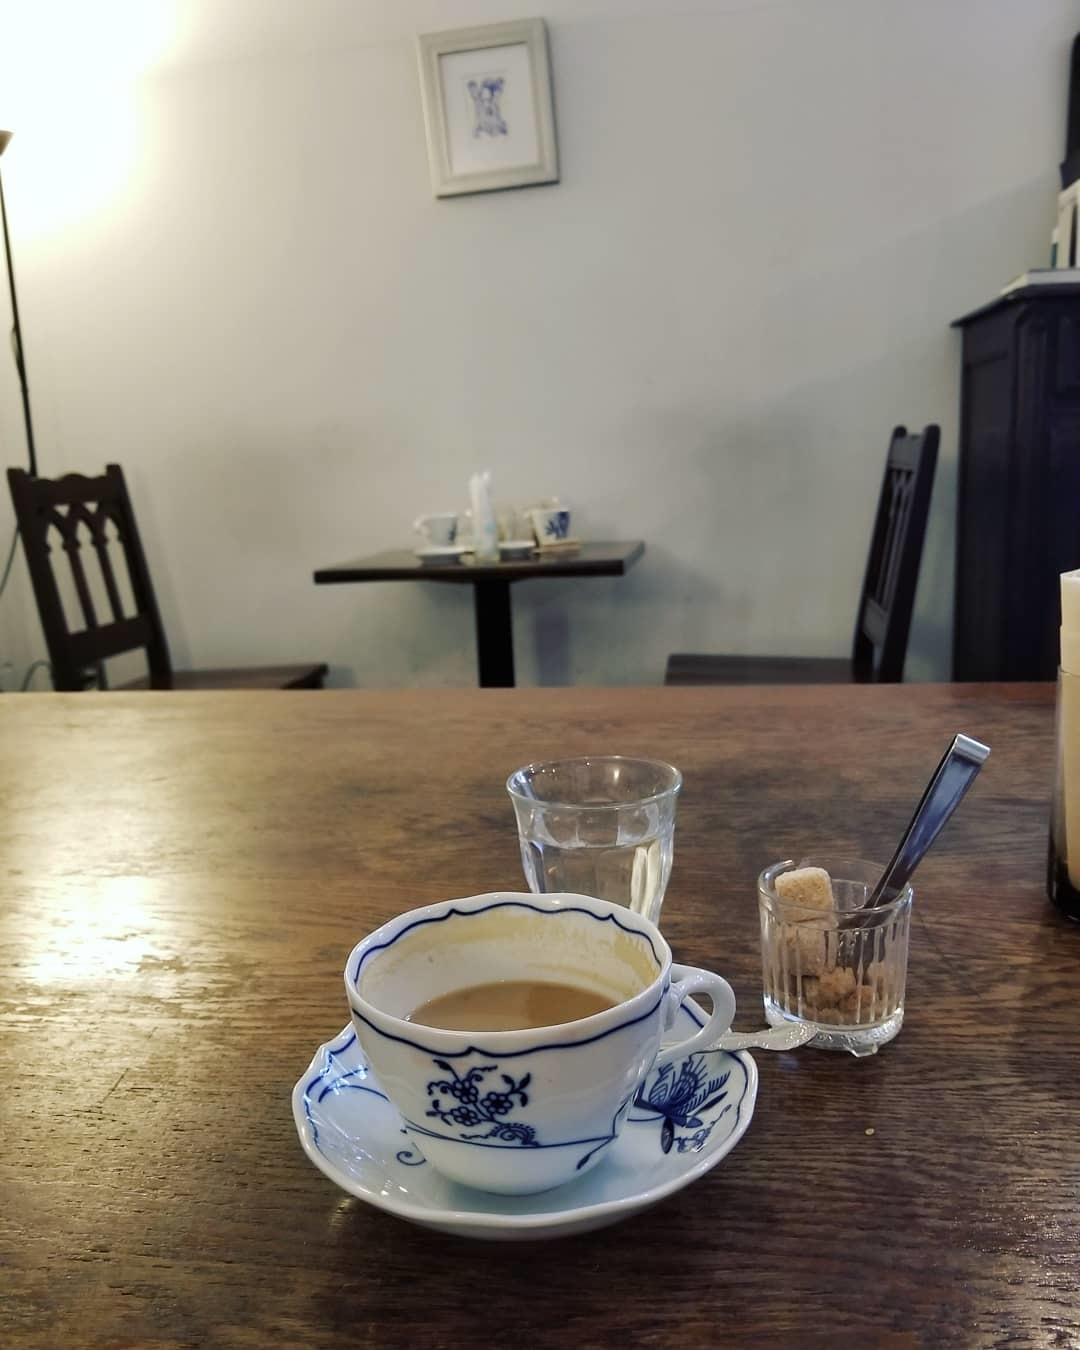 新宿百人町のオアシス「カフェ アリエ」* 新大久保で見つけた穴場カフェ♪_f0236260_08580278.jpg